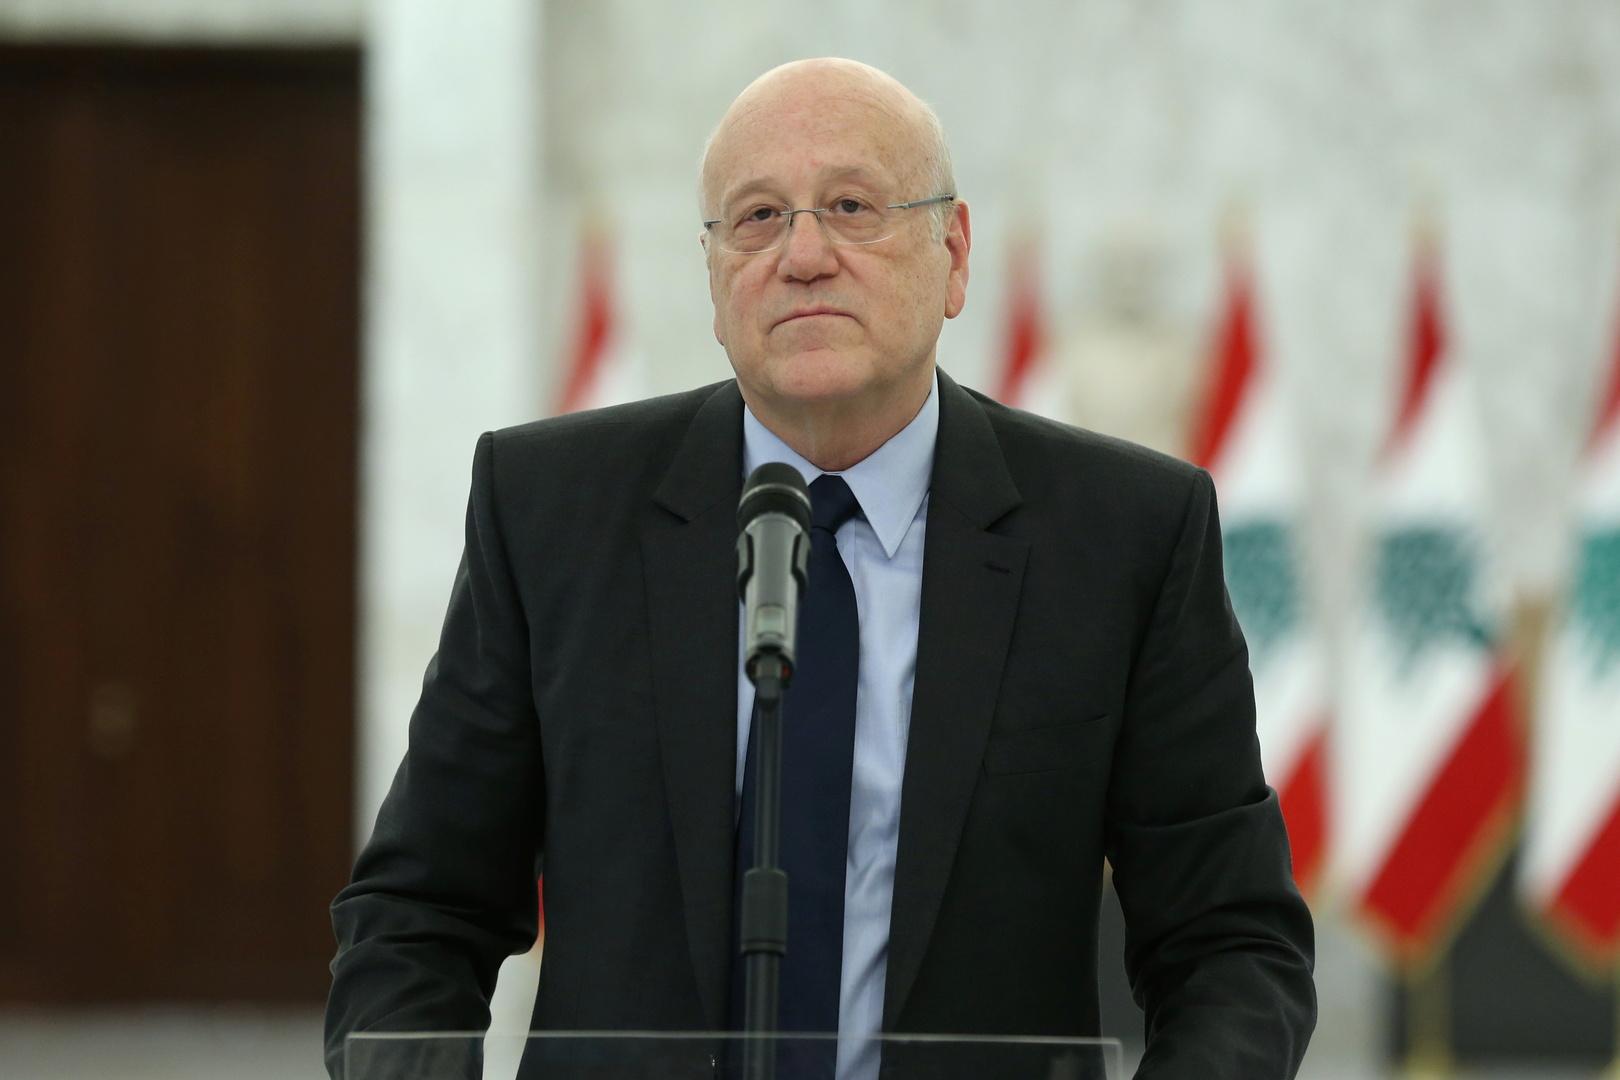 اليونيسف تدعو لحكومة جديدة في لبنان تواجه الخطر الذي يهدد حياة الأطفال